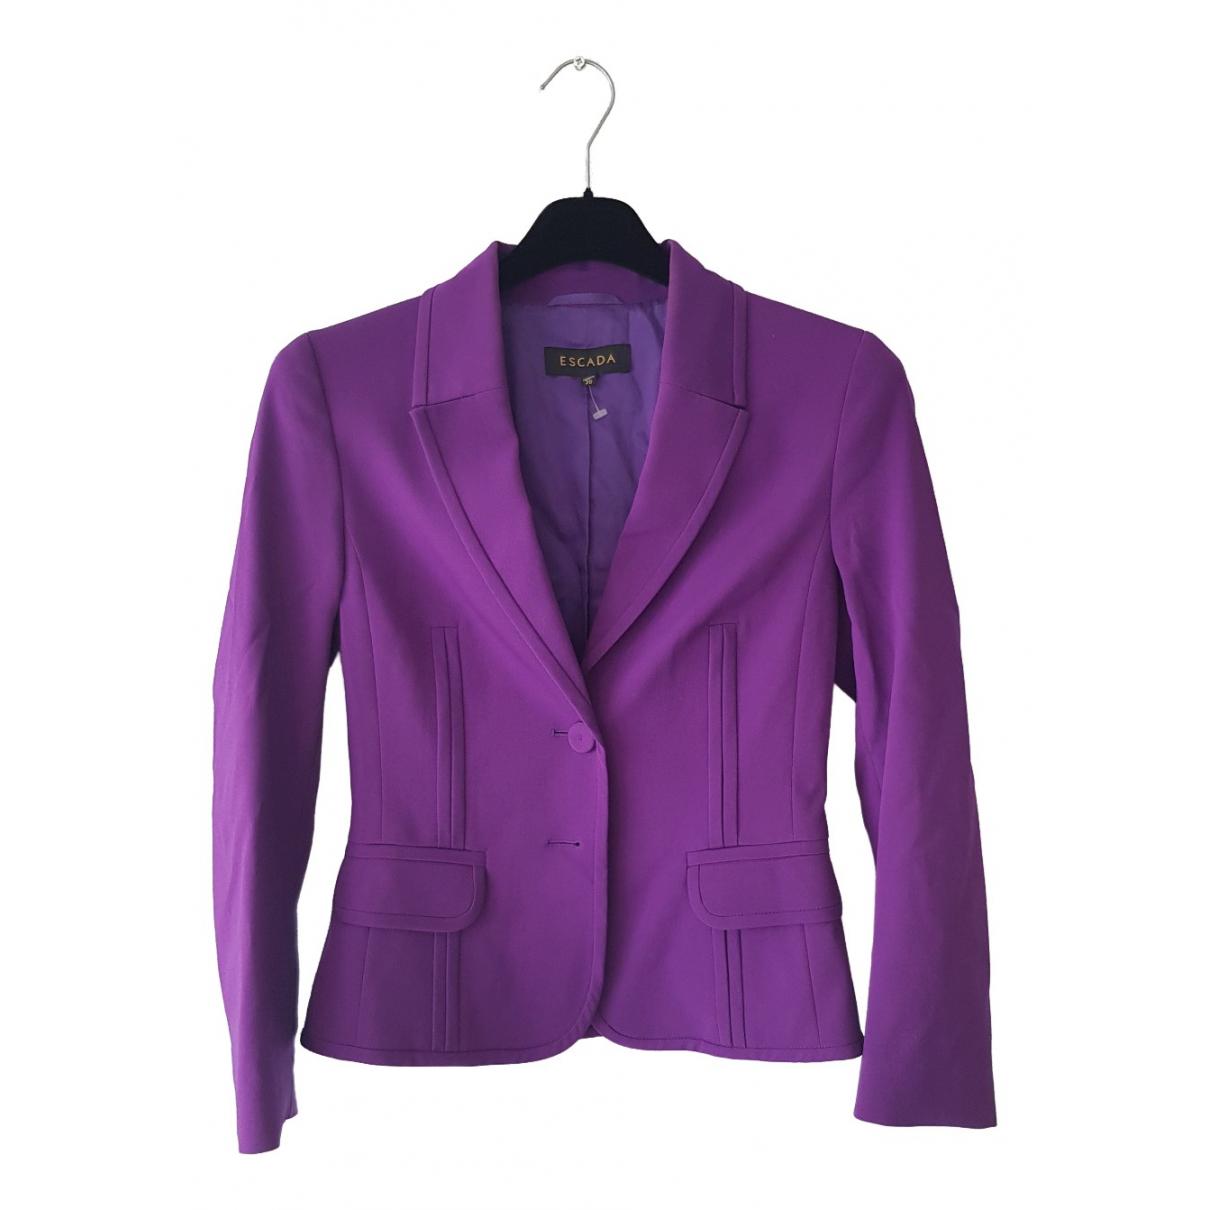 Escada - Veste   pour femme en soie - violet